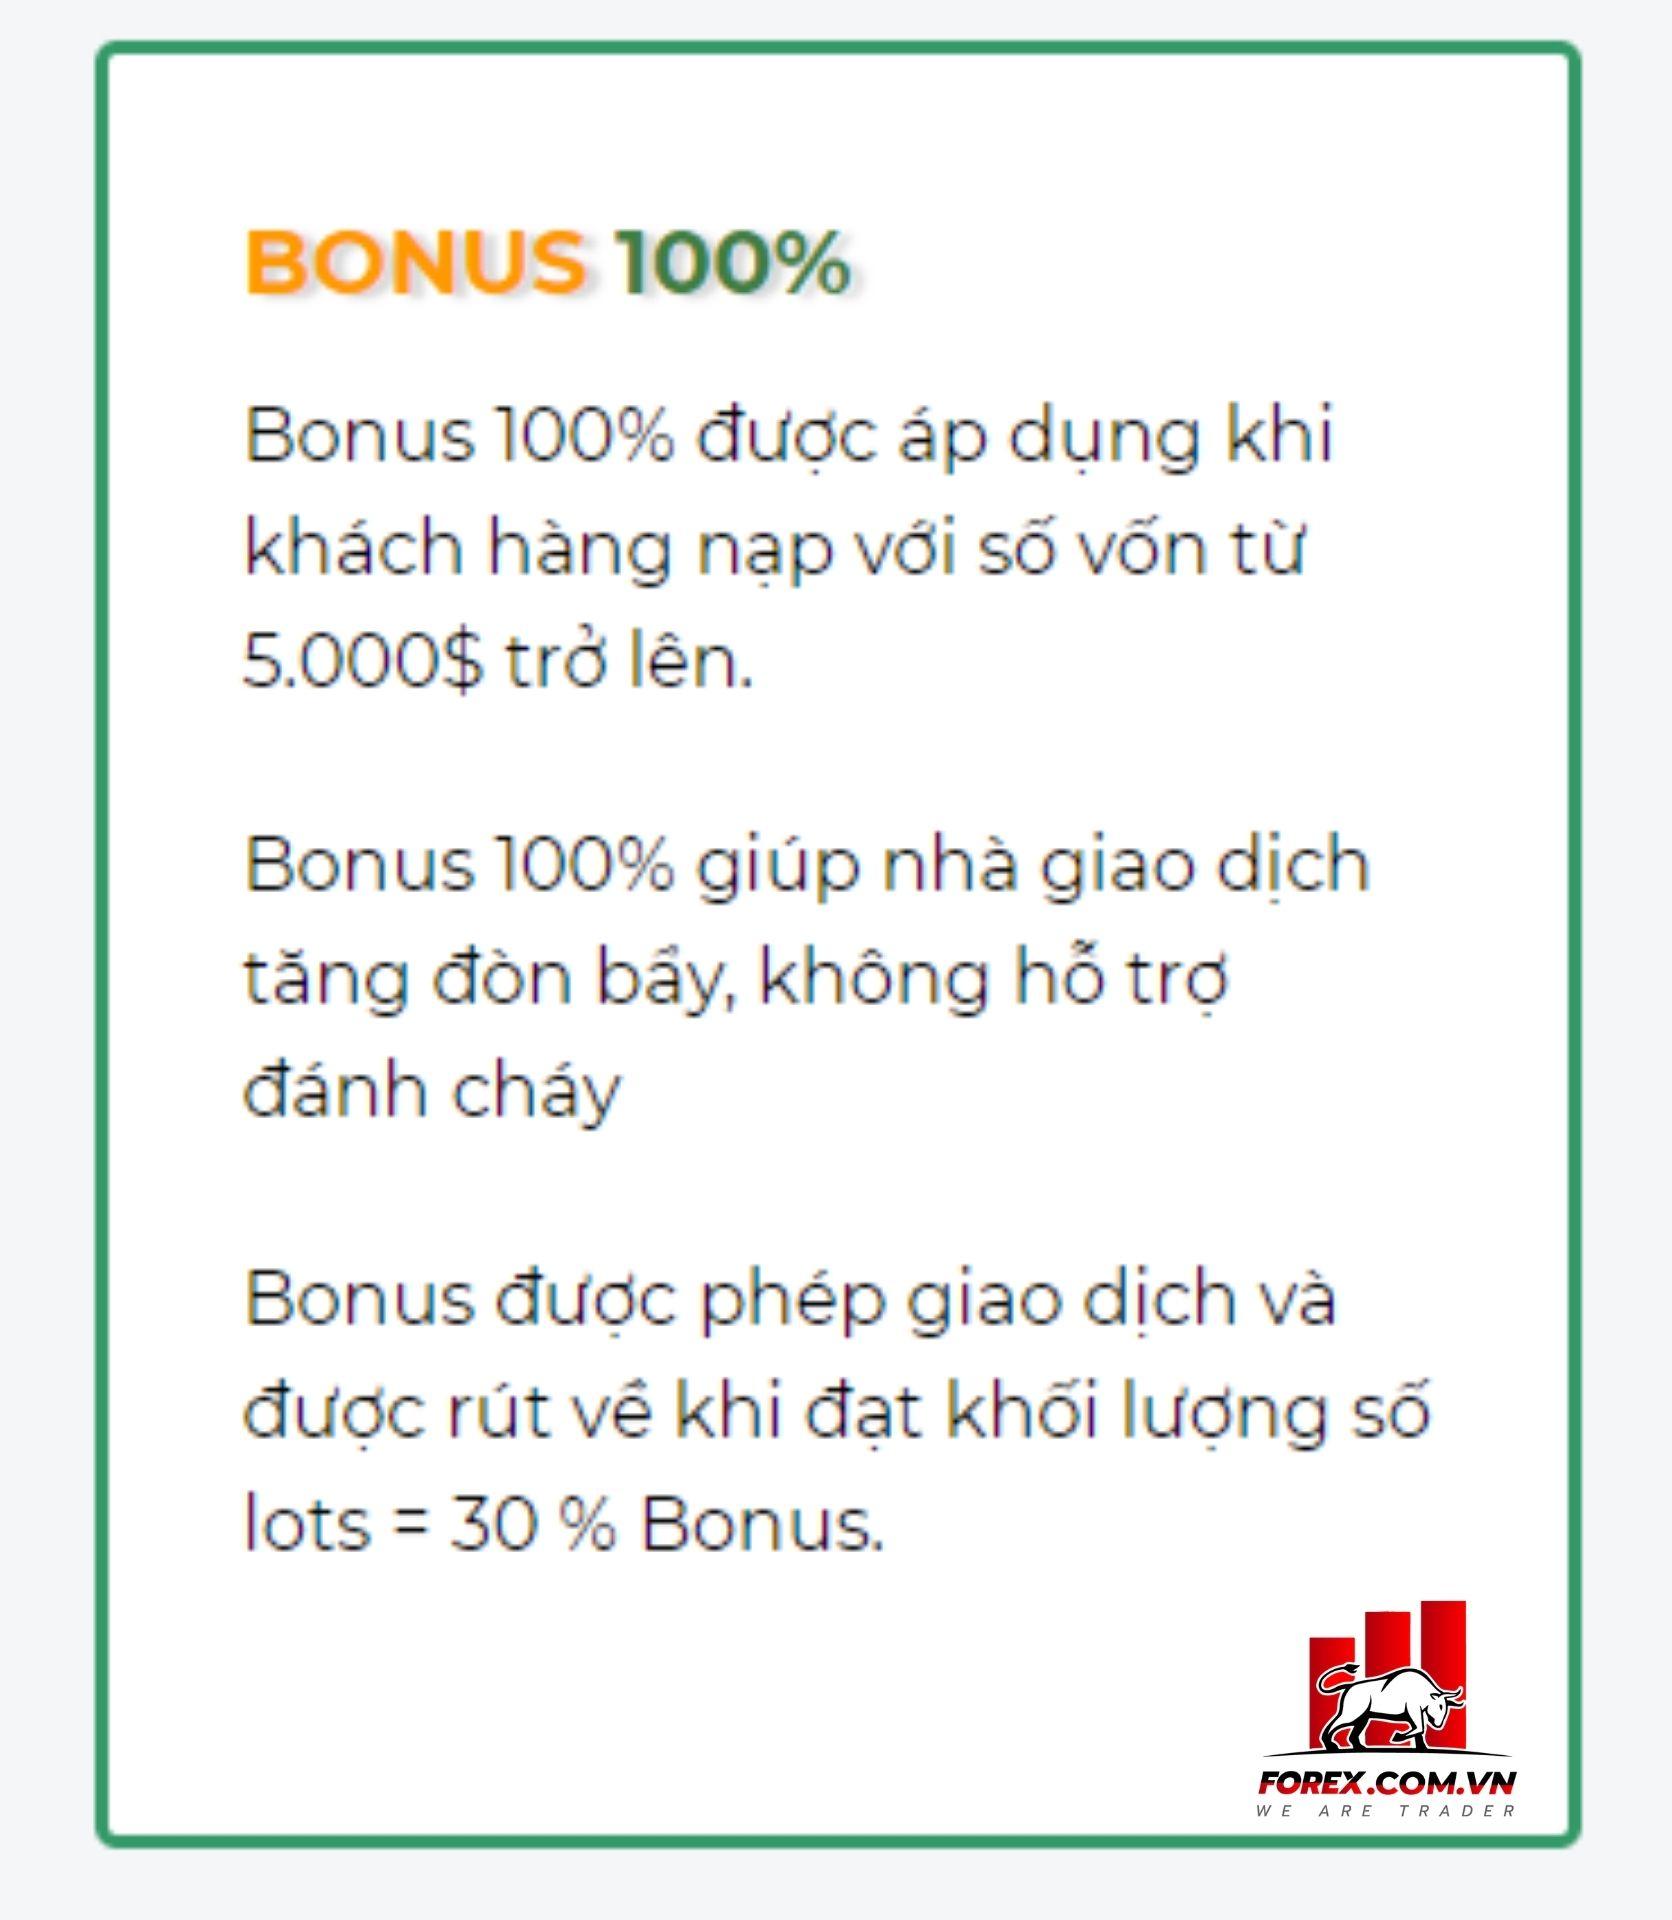 chương trình bonus 100% của sàn liteforex